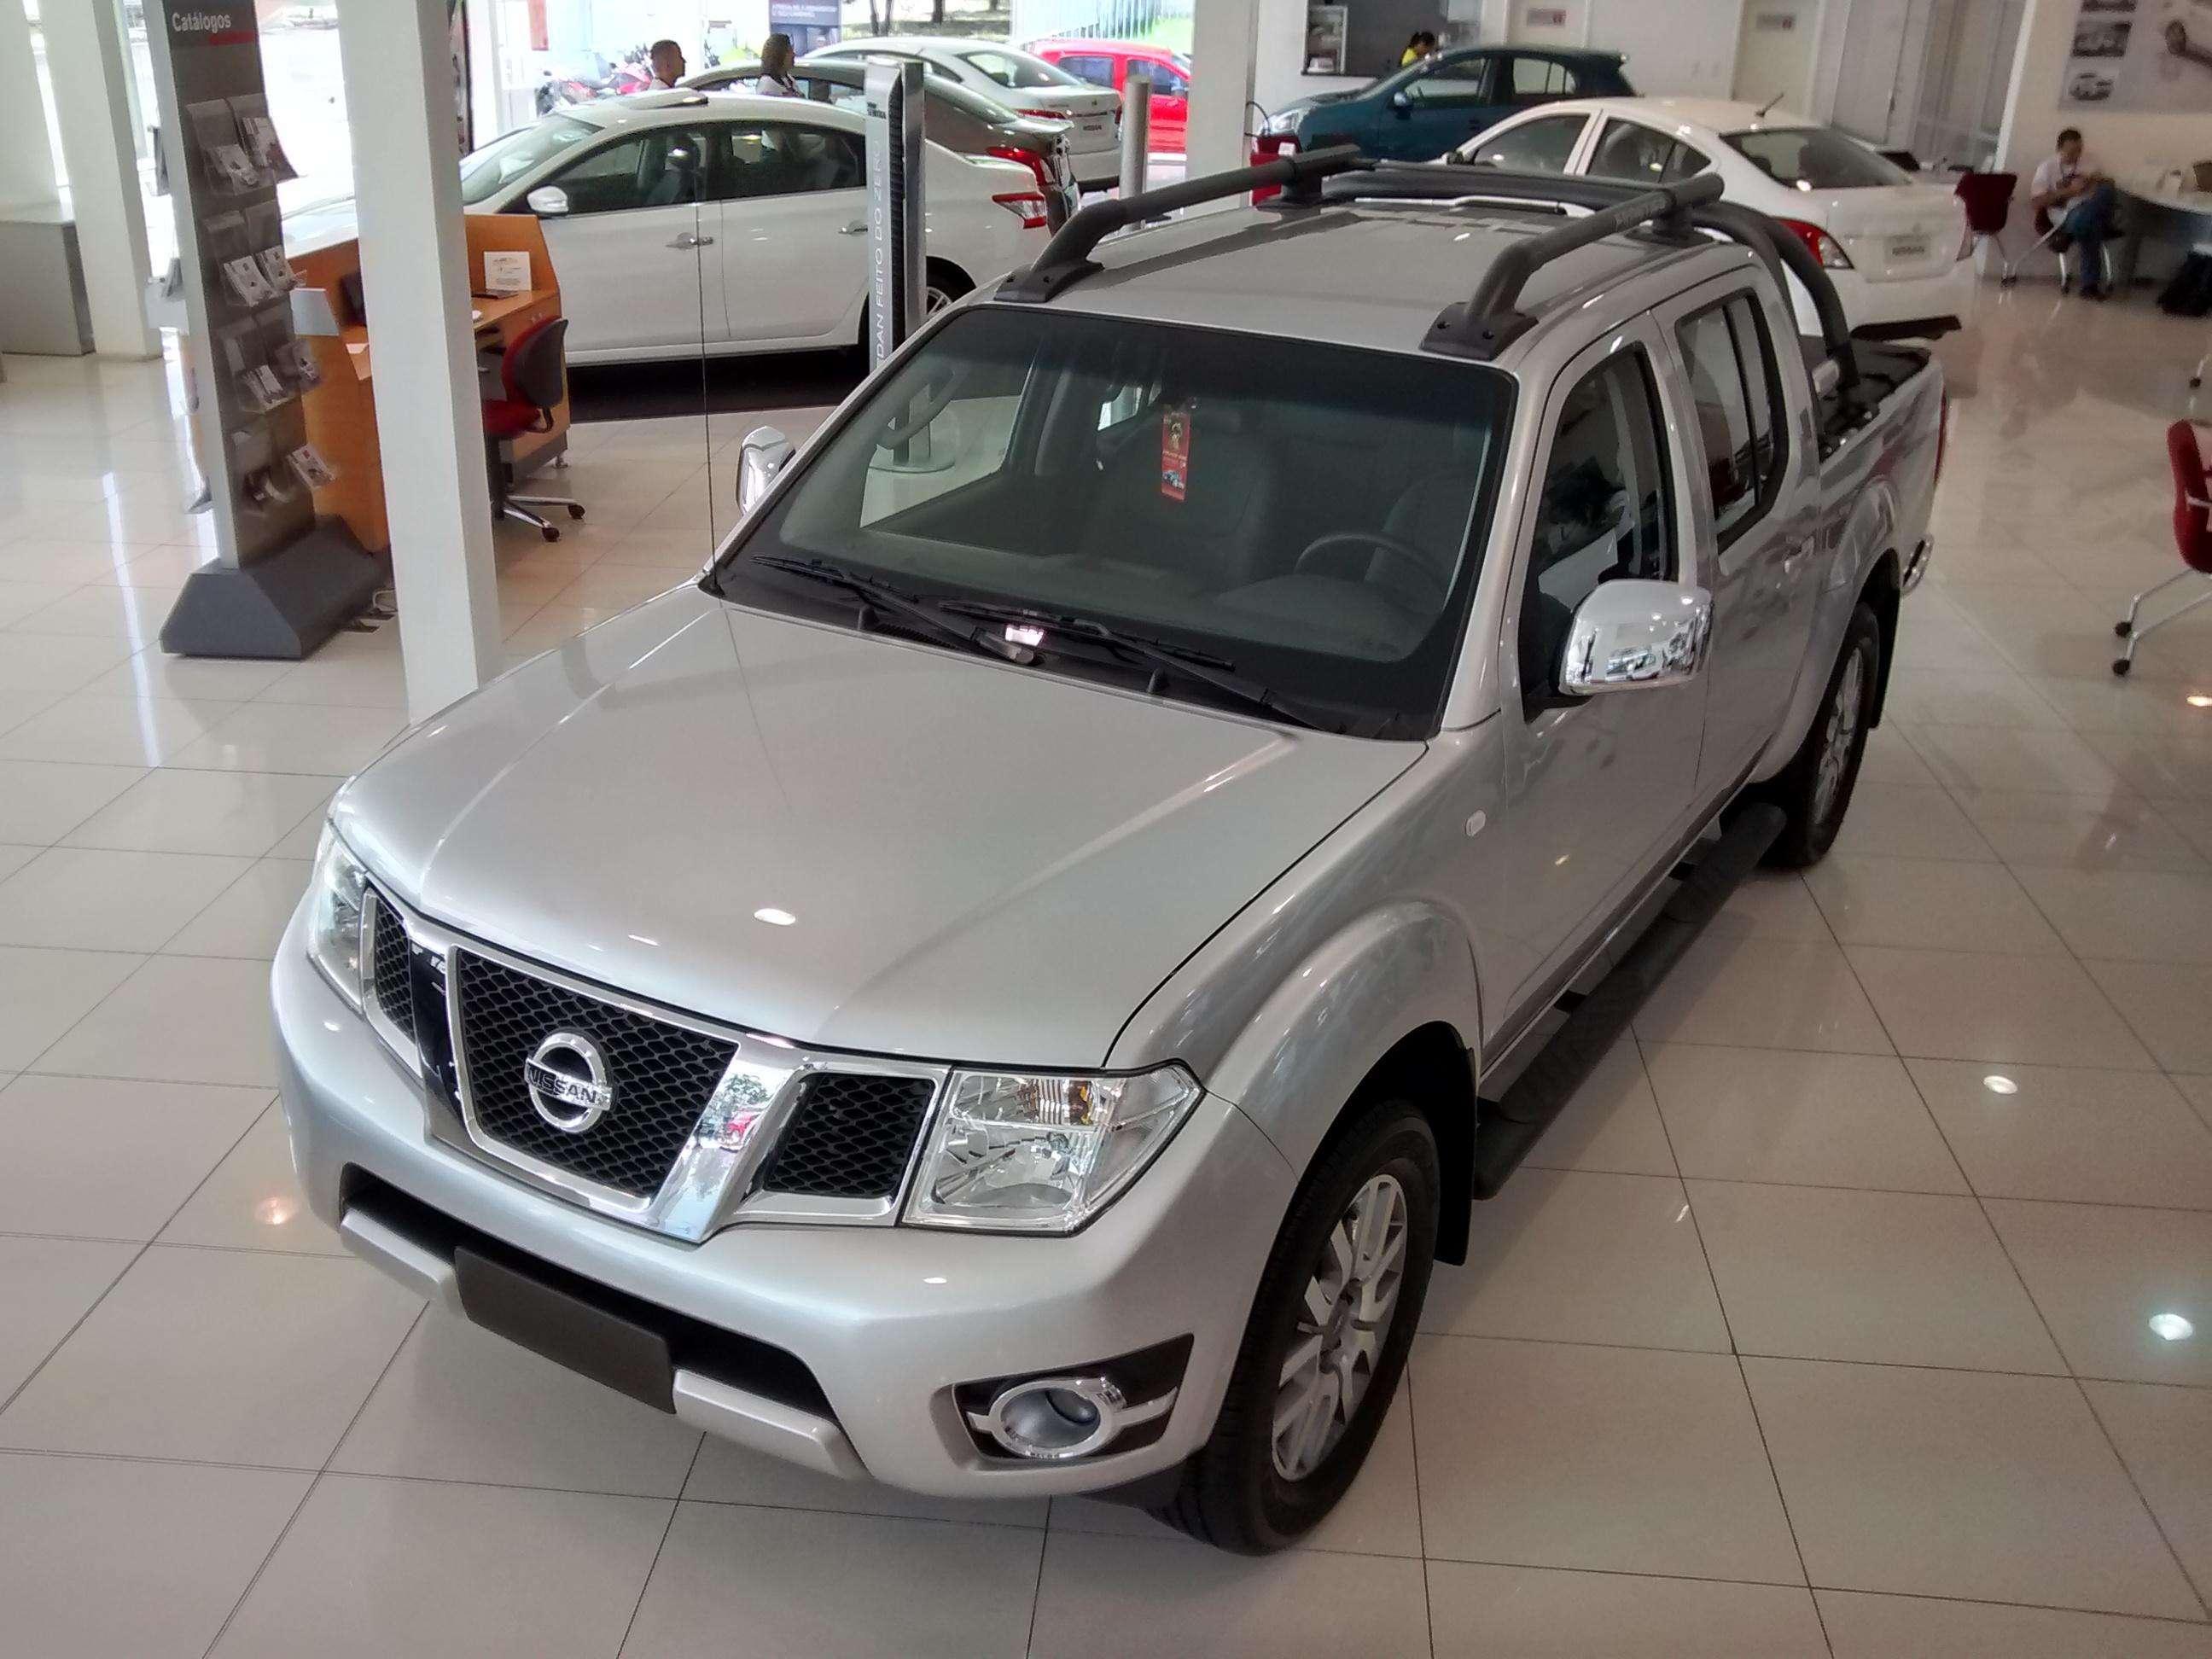 Japan Veículos anuncia ofertas inéditas para Nissan Frontier Attack e SL